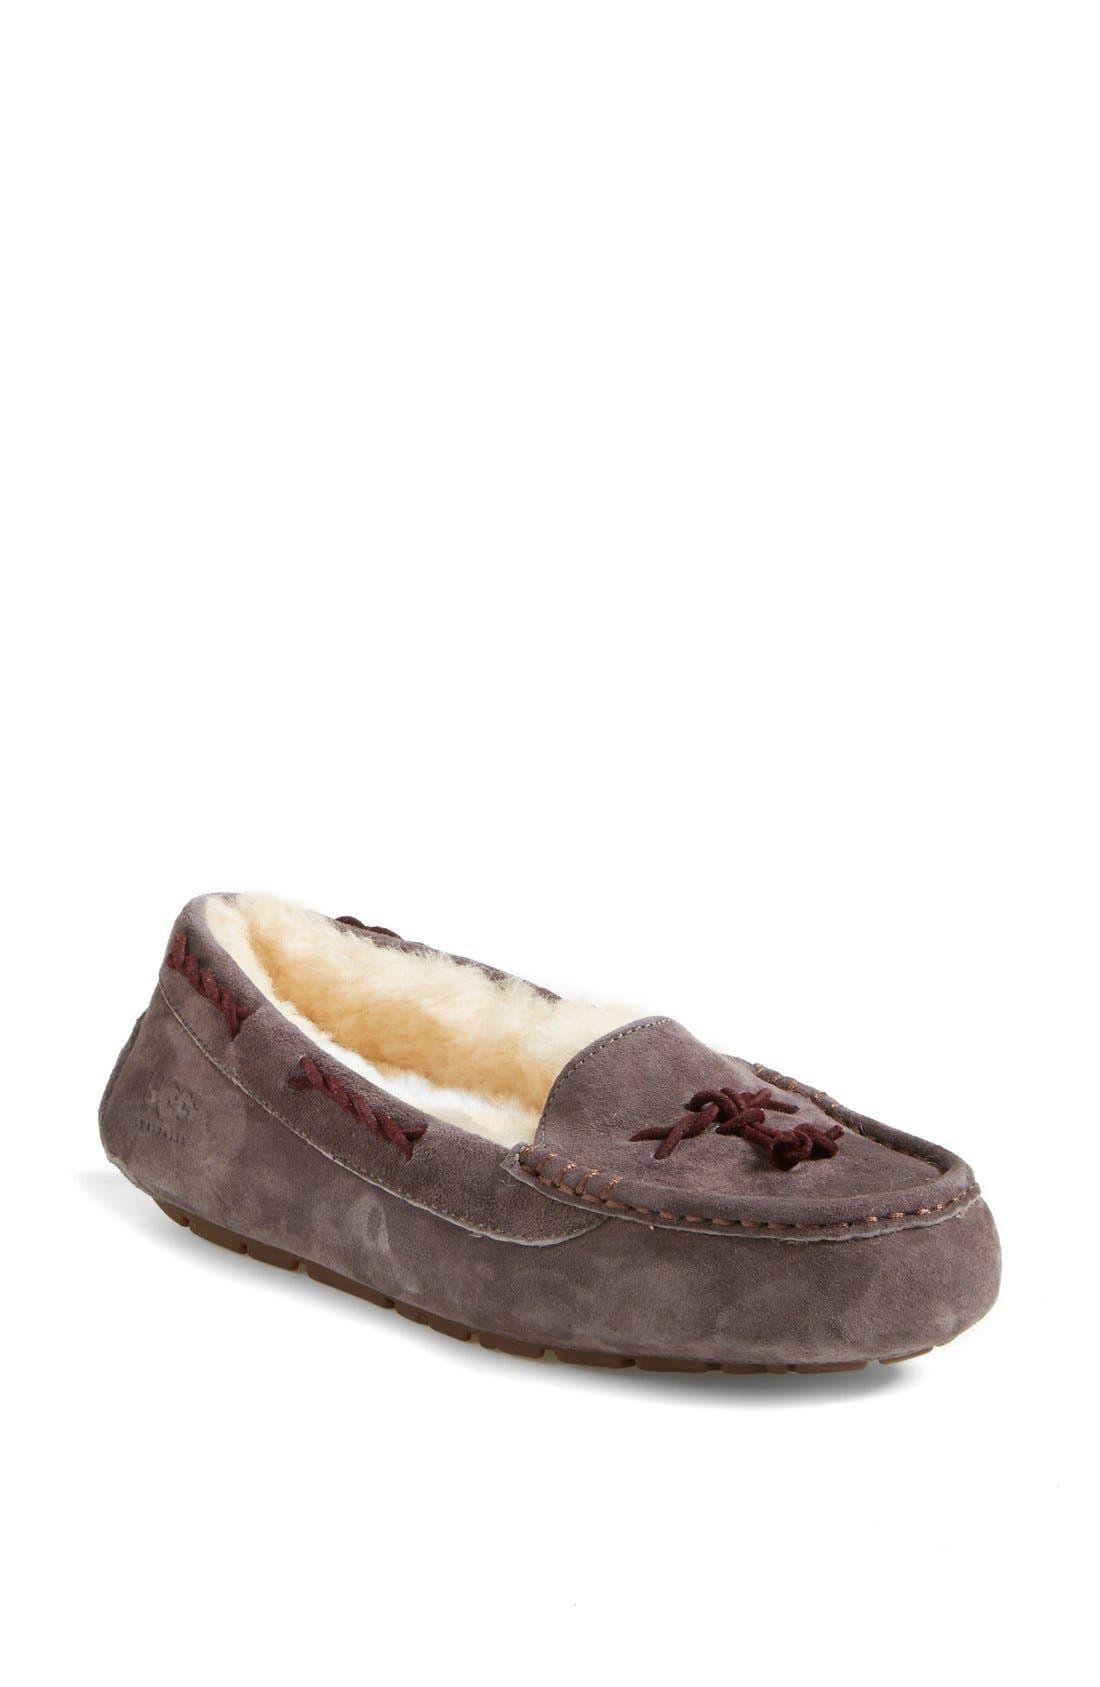 Image of UGG Brett Wool Lined Slipper